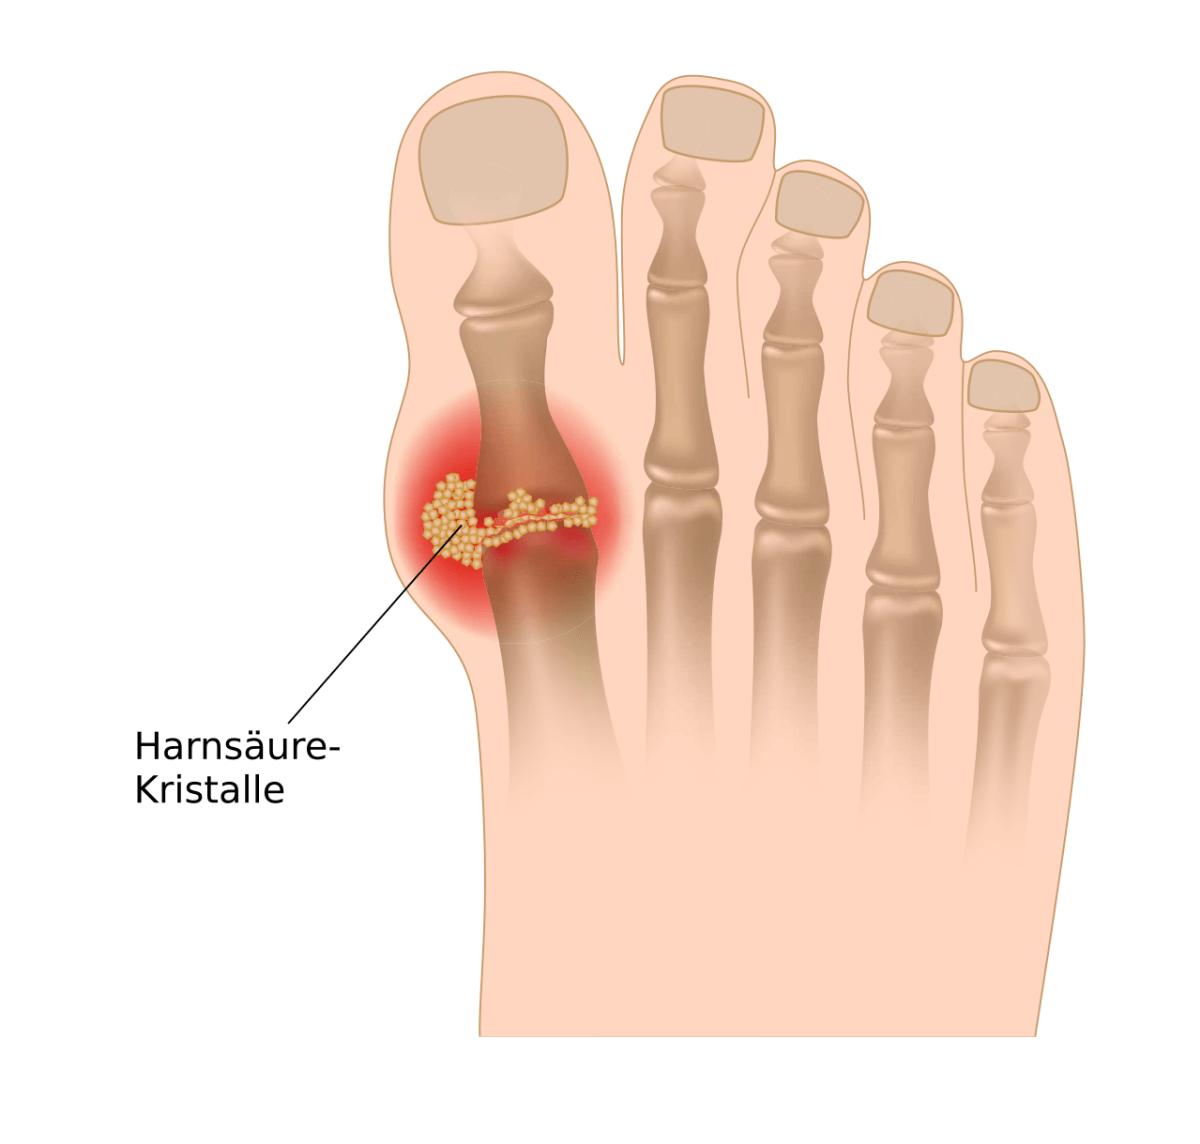 Die Gicht führt zur Ablagerung von Harnsäure-Kristallen in den Gelenken